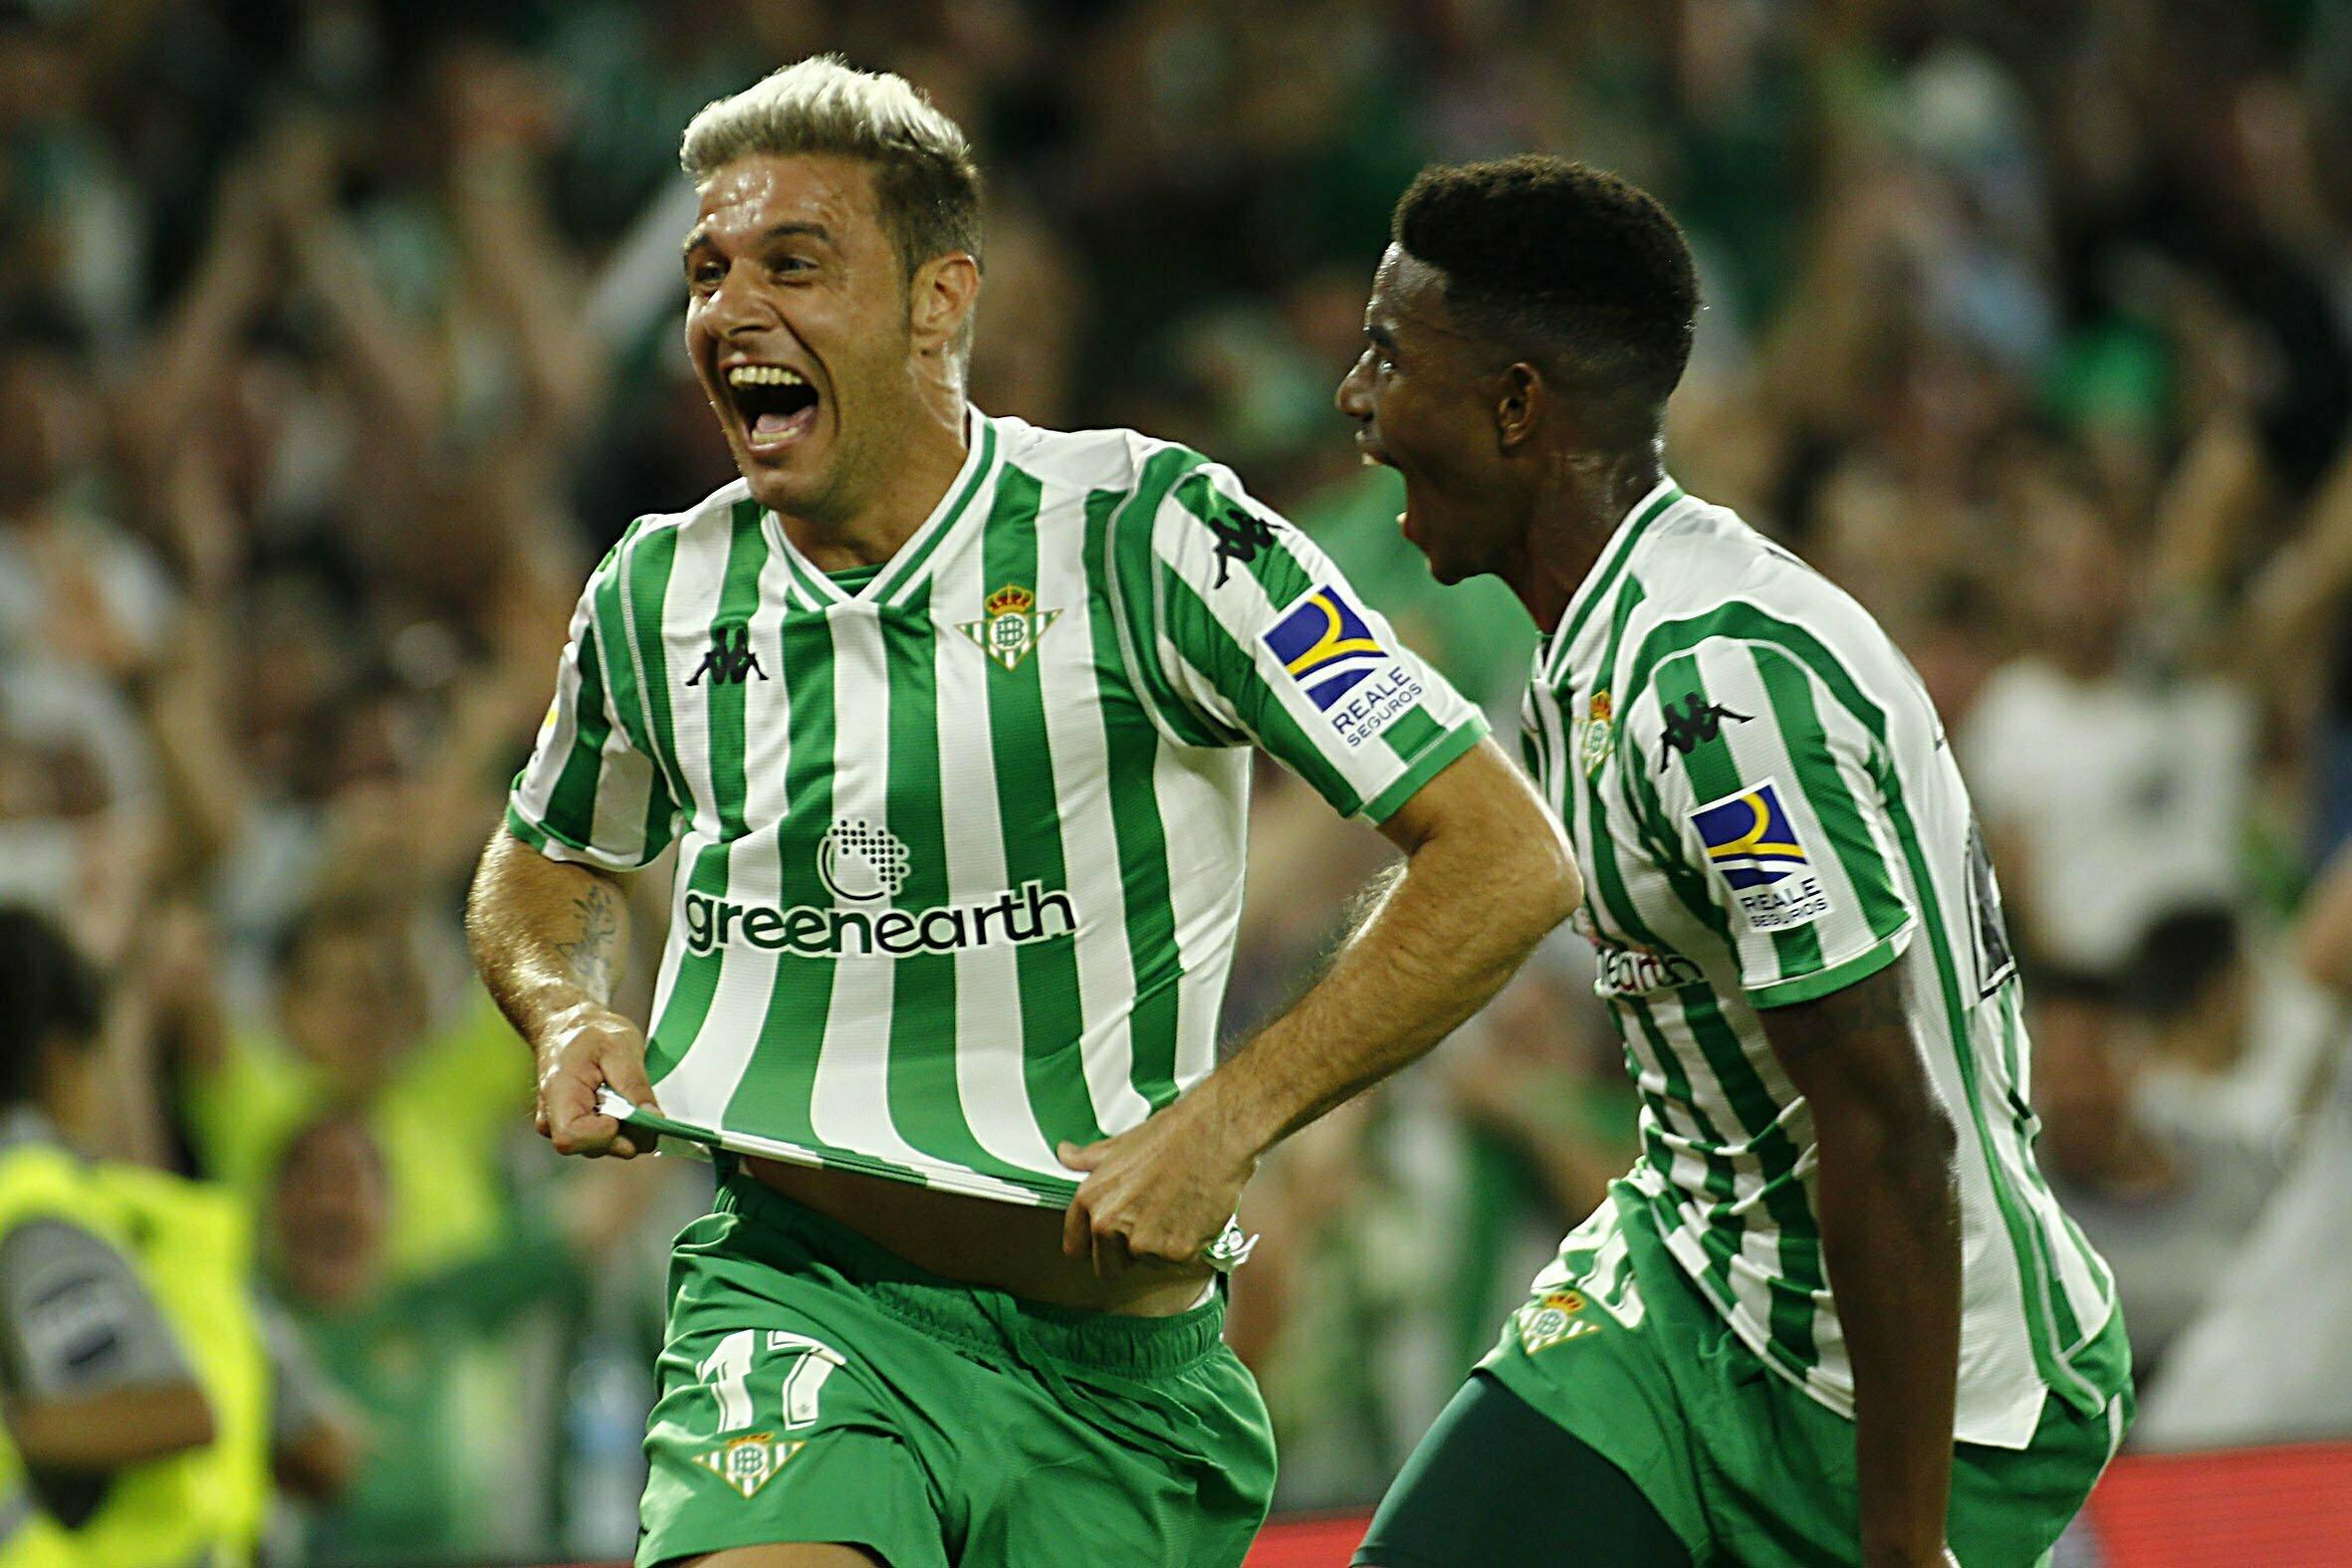 إشبيلية ضد ريال بيتيس هي واحدة من بين المواجهات الأكثر سخونة دائمًا في الدوري الإسباني